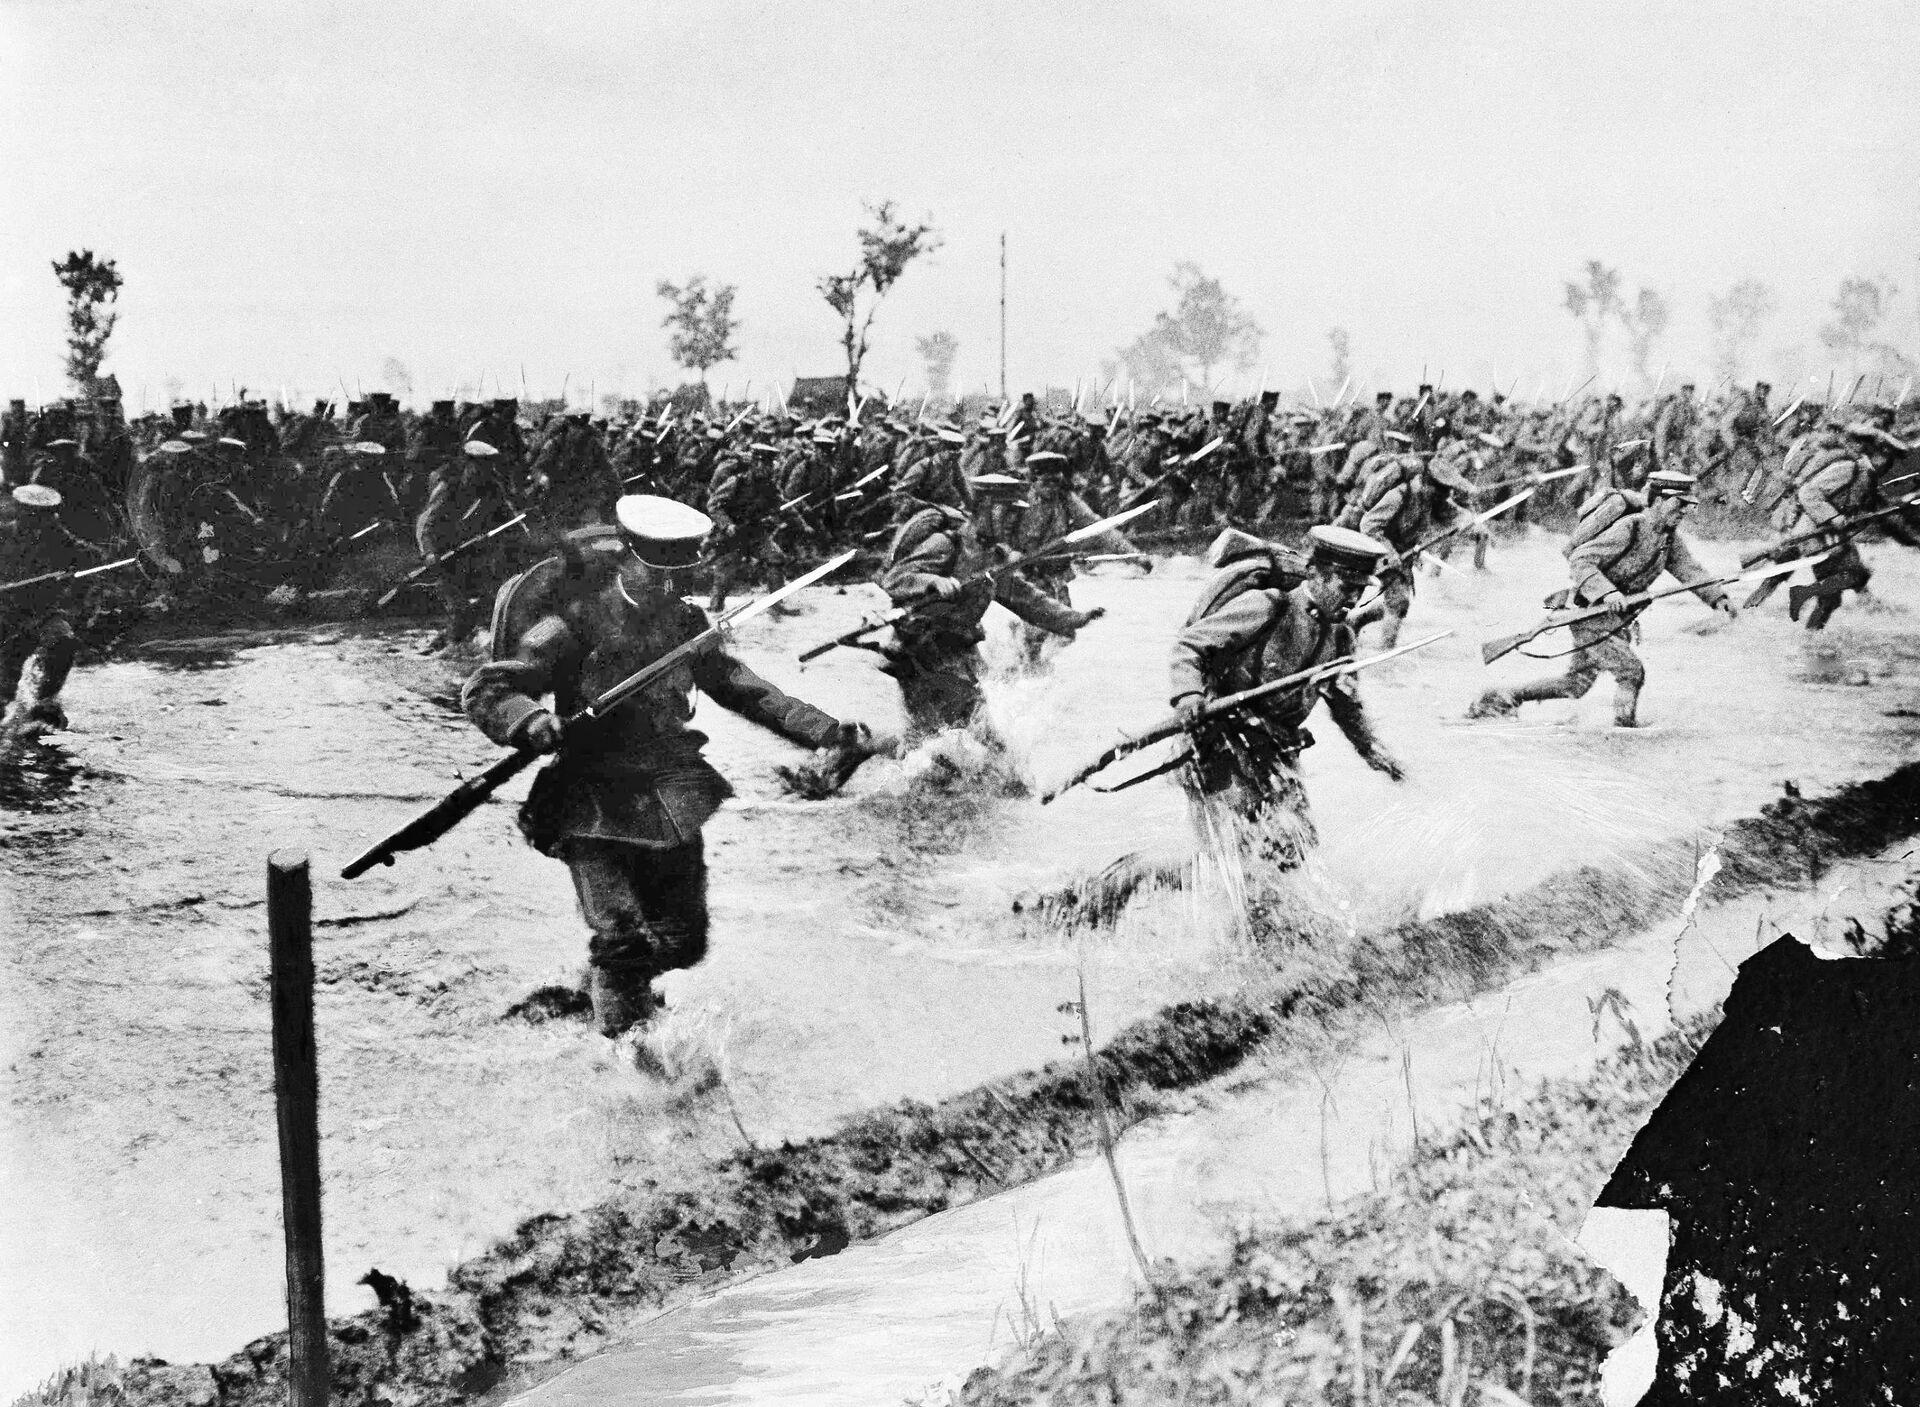 Наступление японской пехоты на русские линии в Азии, 1904 год  - РИА Новости, 1920, 14.10.2020